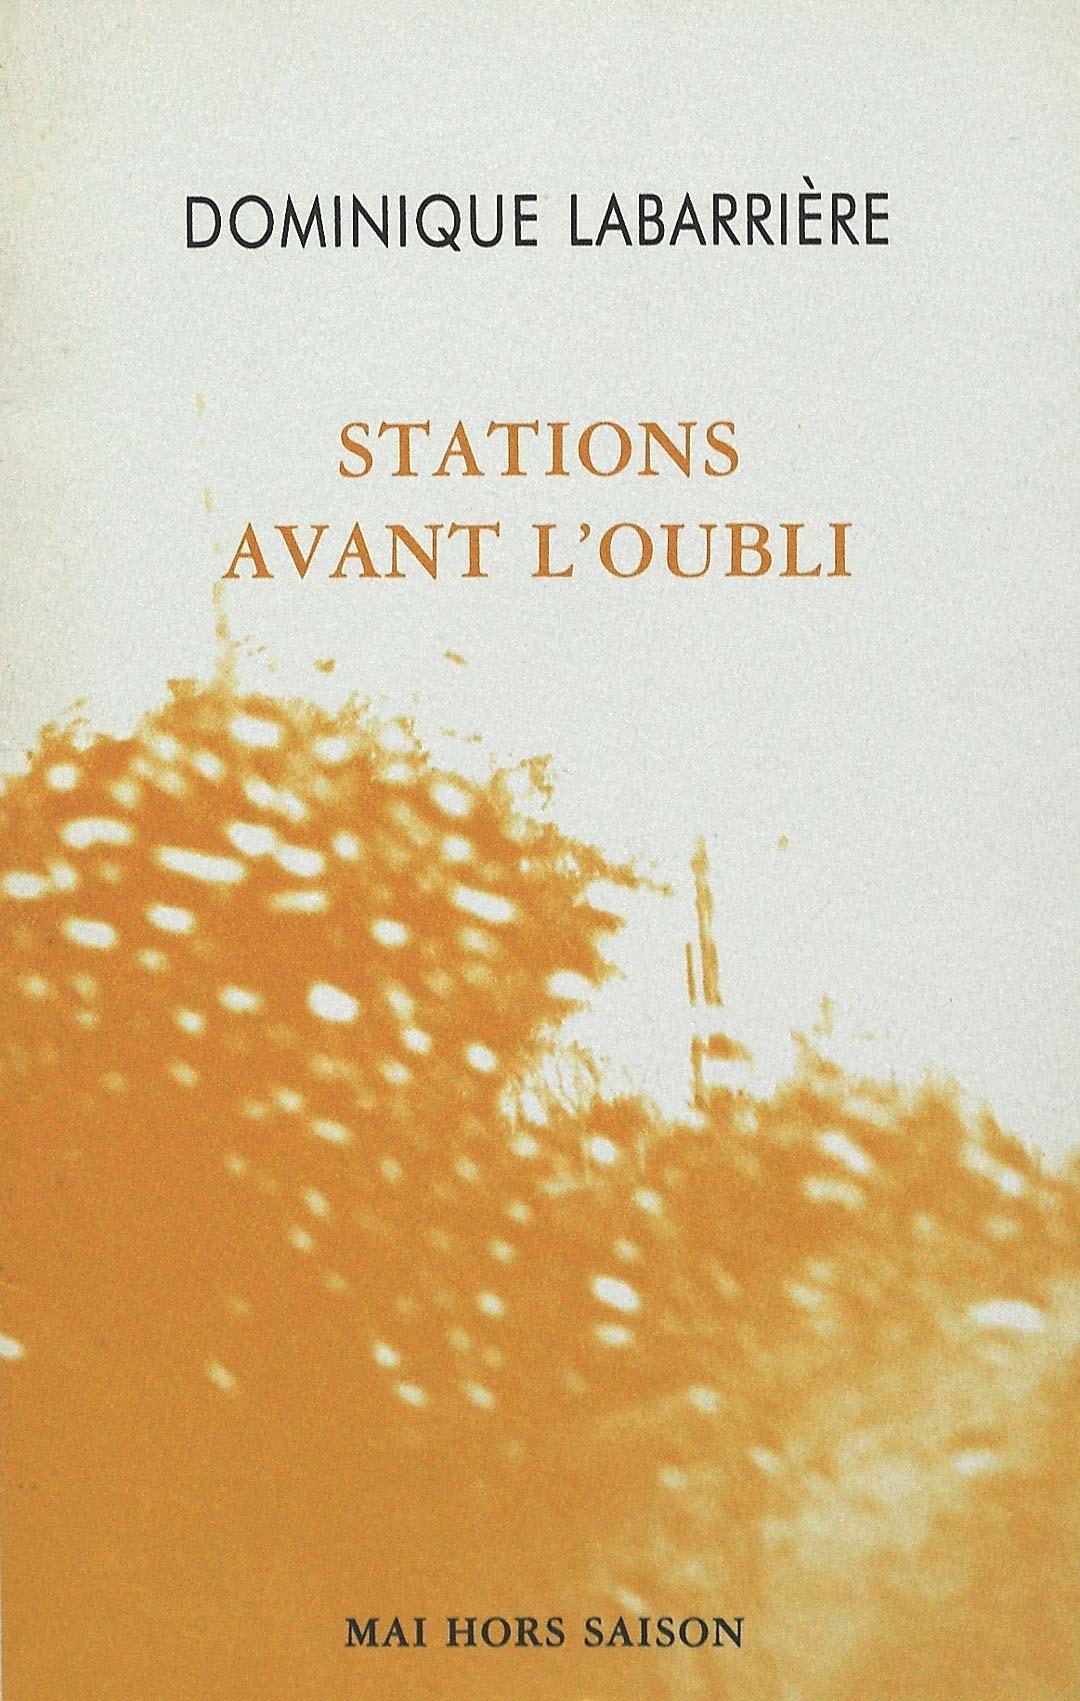 Dominique Labarrière, Stations avant l'oubli, Mai hors saison,1996